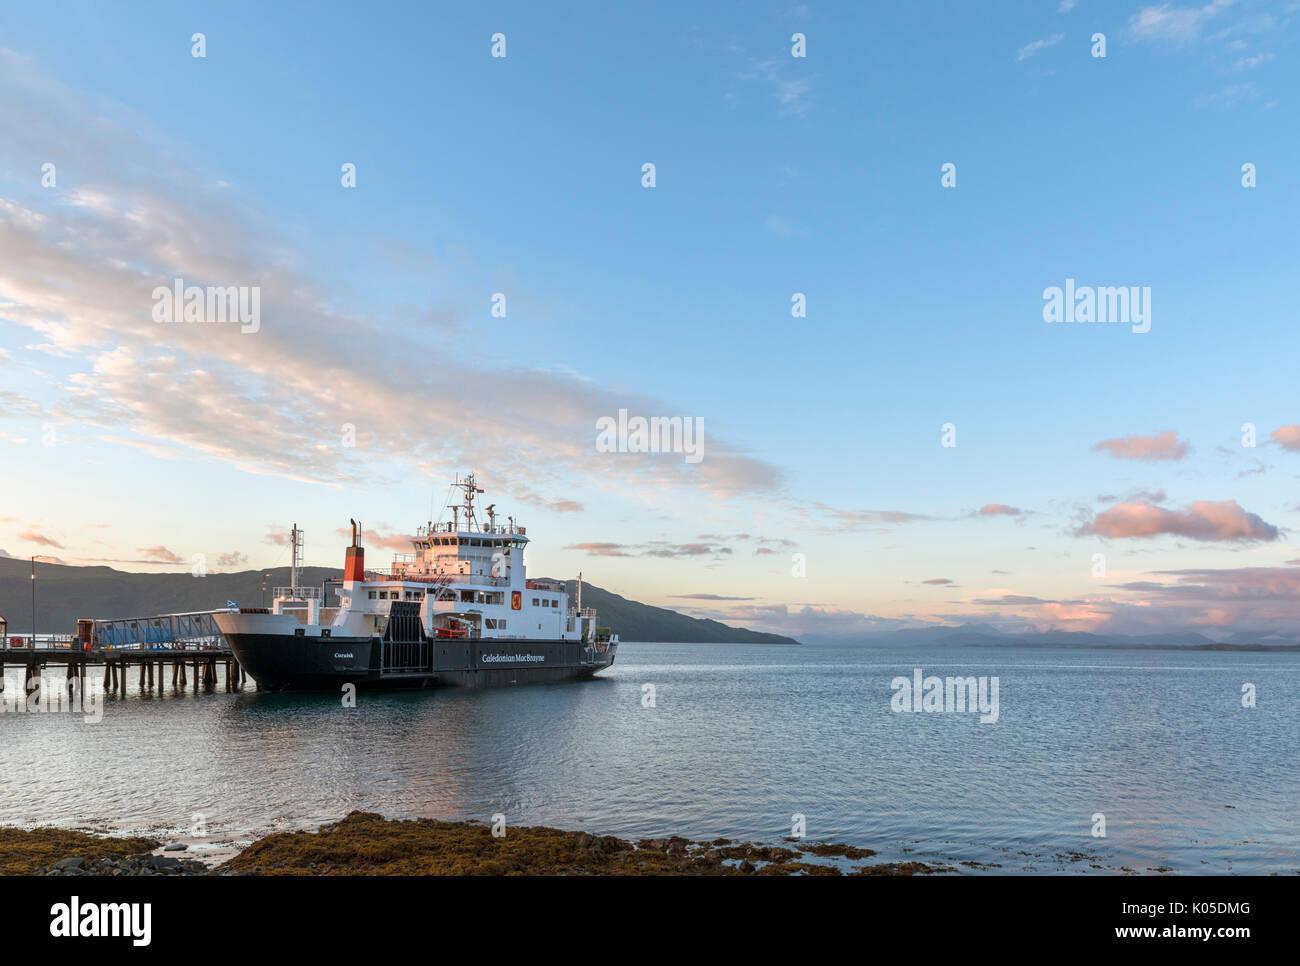 Caledonian MacBrayne (Calmac) ferry at sunset, Craignure, Isle of Mull, Argyll and Bute, Scotland, UK - Stock Image